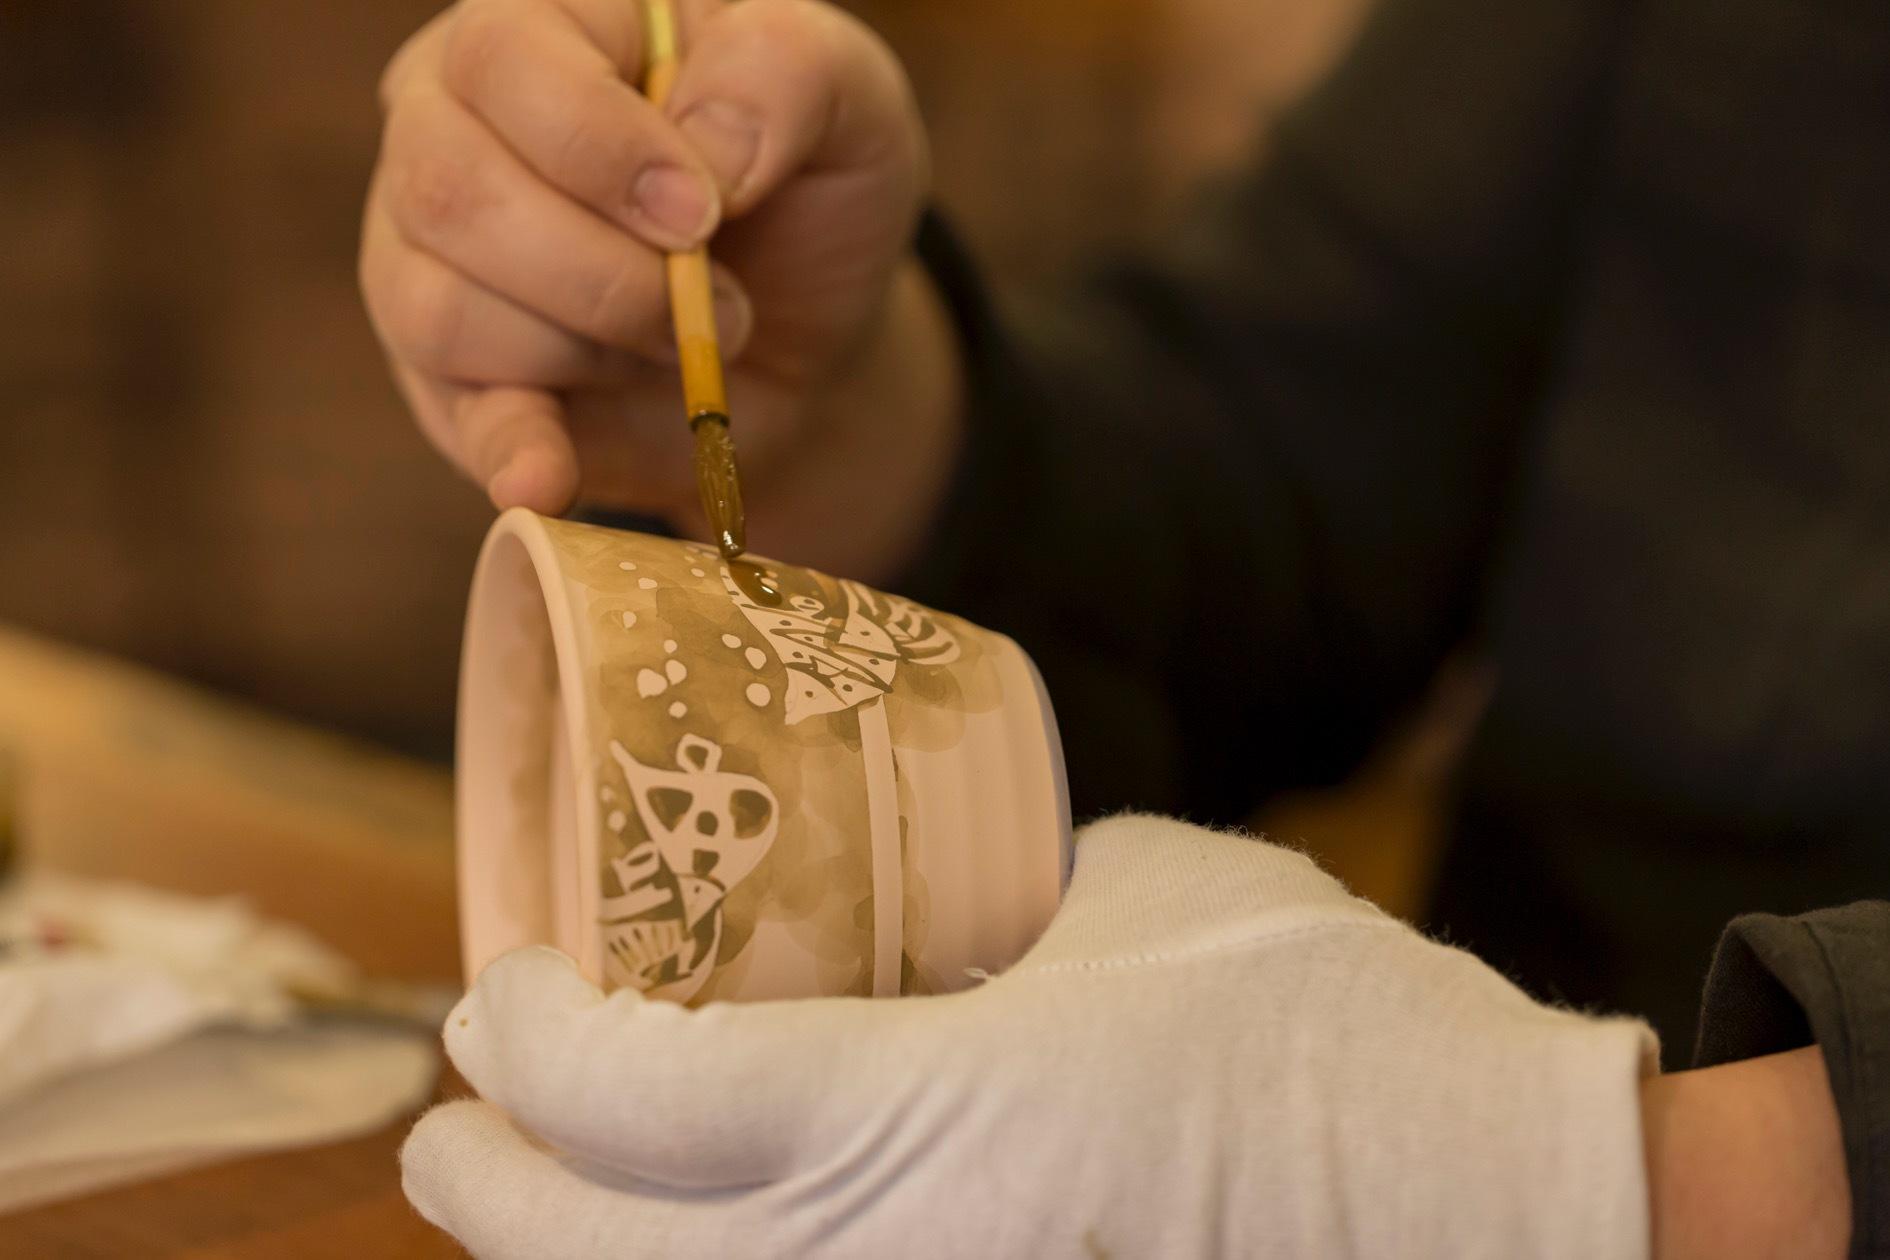 北海道札幌市にある黒羽陶工房,染付作家黒羽じゅんさんが陶器にフリーハンドで魚の絵を描く